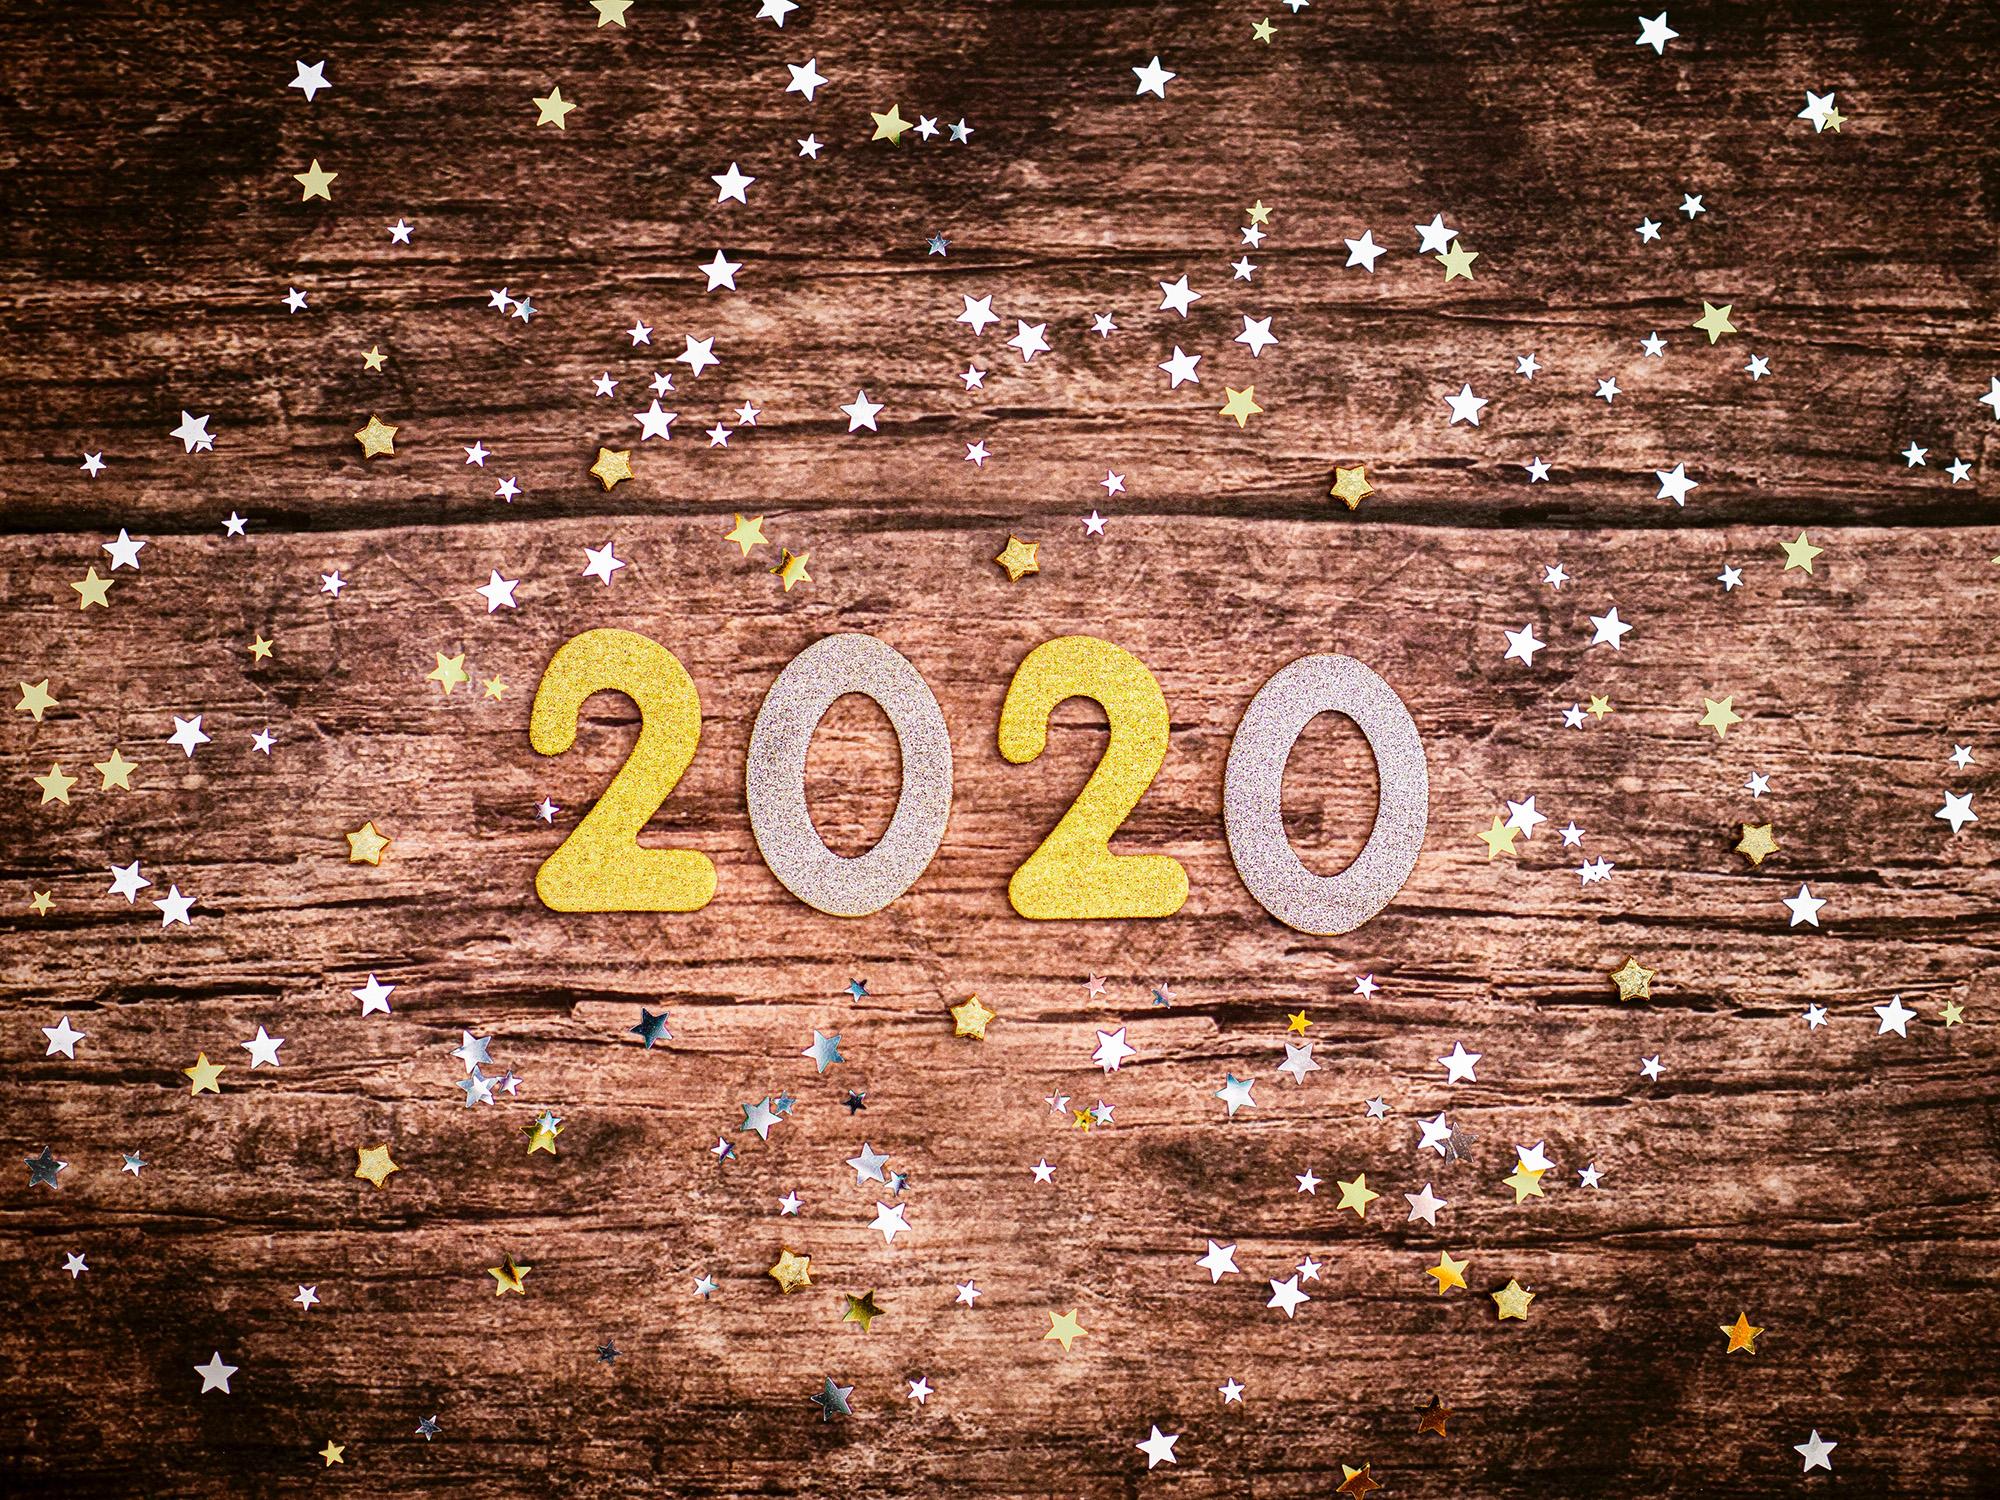 Od teraz będę… czyli o tym jak wytrwać w noworocznych postanowieniach